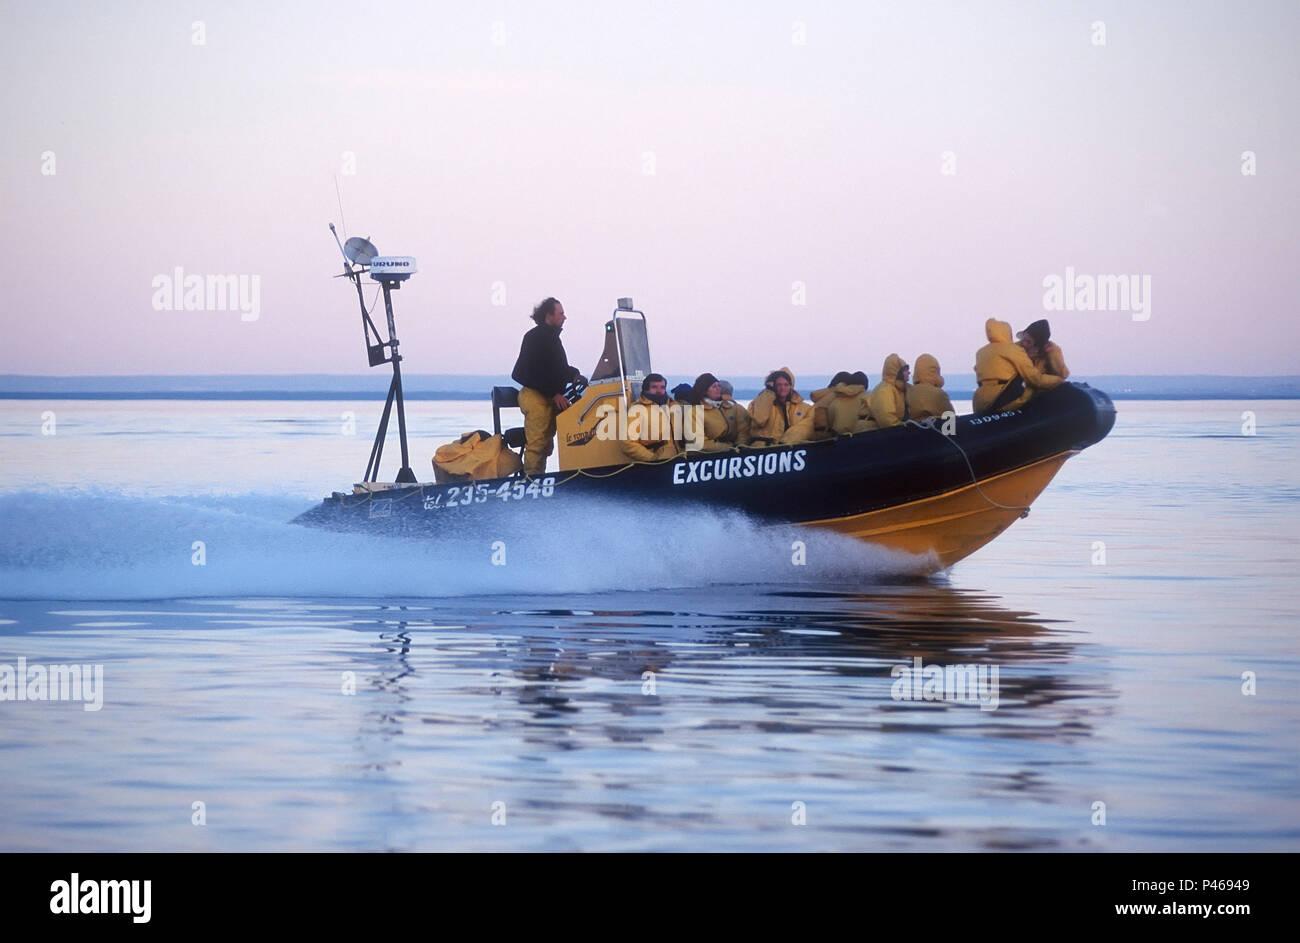 Personas con una aceleración zodiac en un viaje de avistamiento de ballenas en el St Lawrence off Tadoussac, Quebec Imagen De Stock